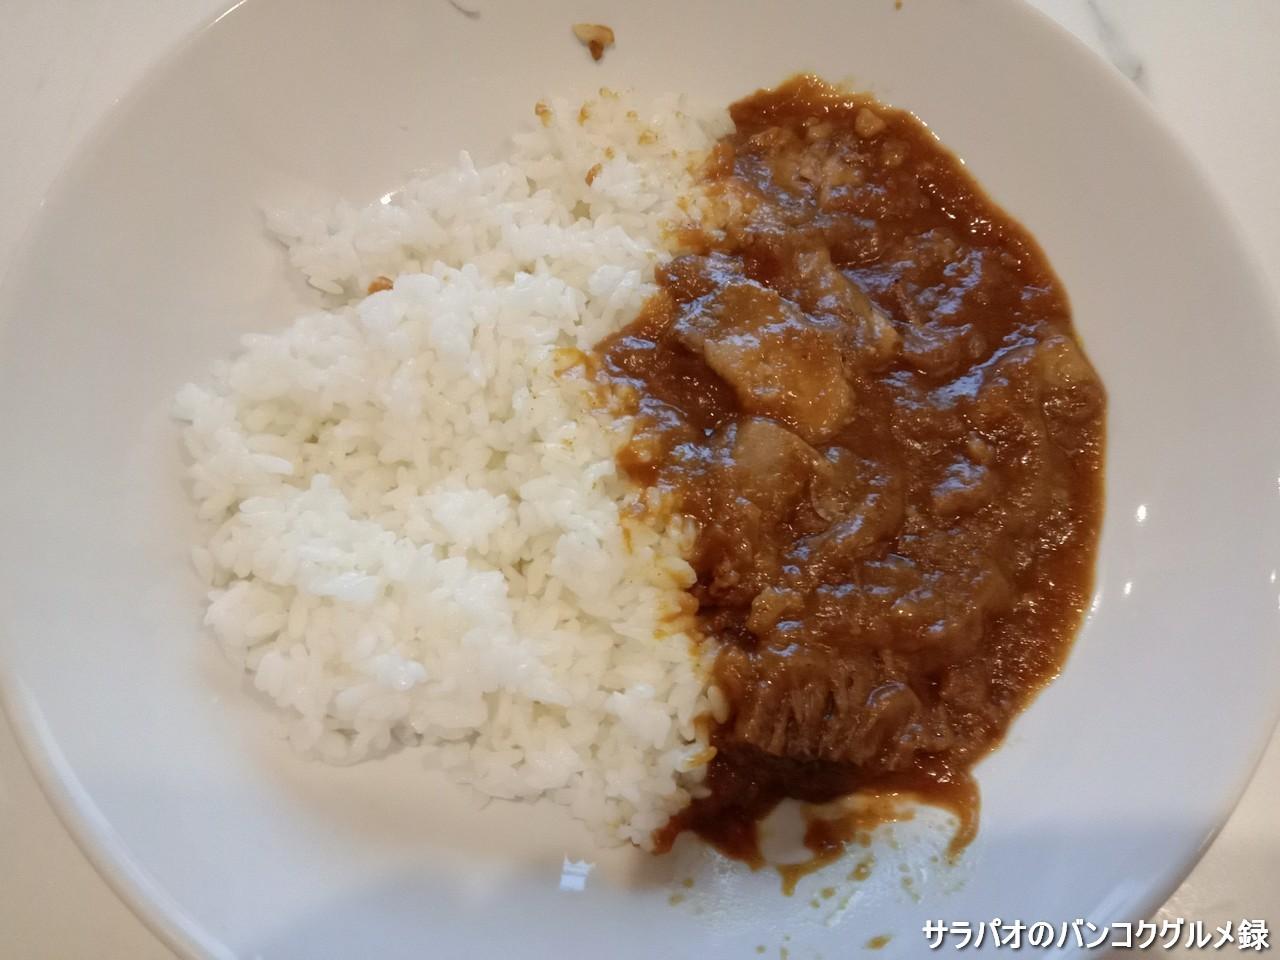 焼肉・冷麺 ヤマトの持ち帰りメニューは激安で超お得! in トンロー